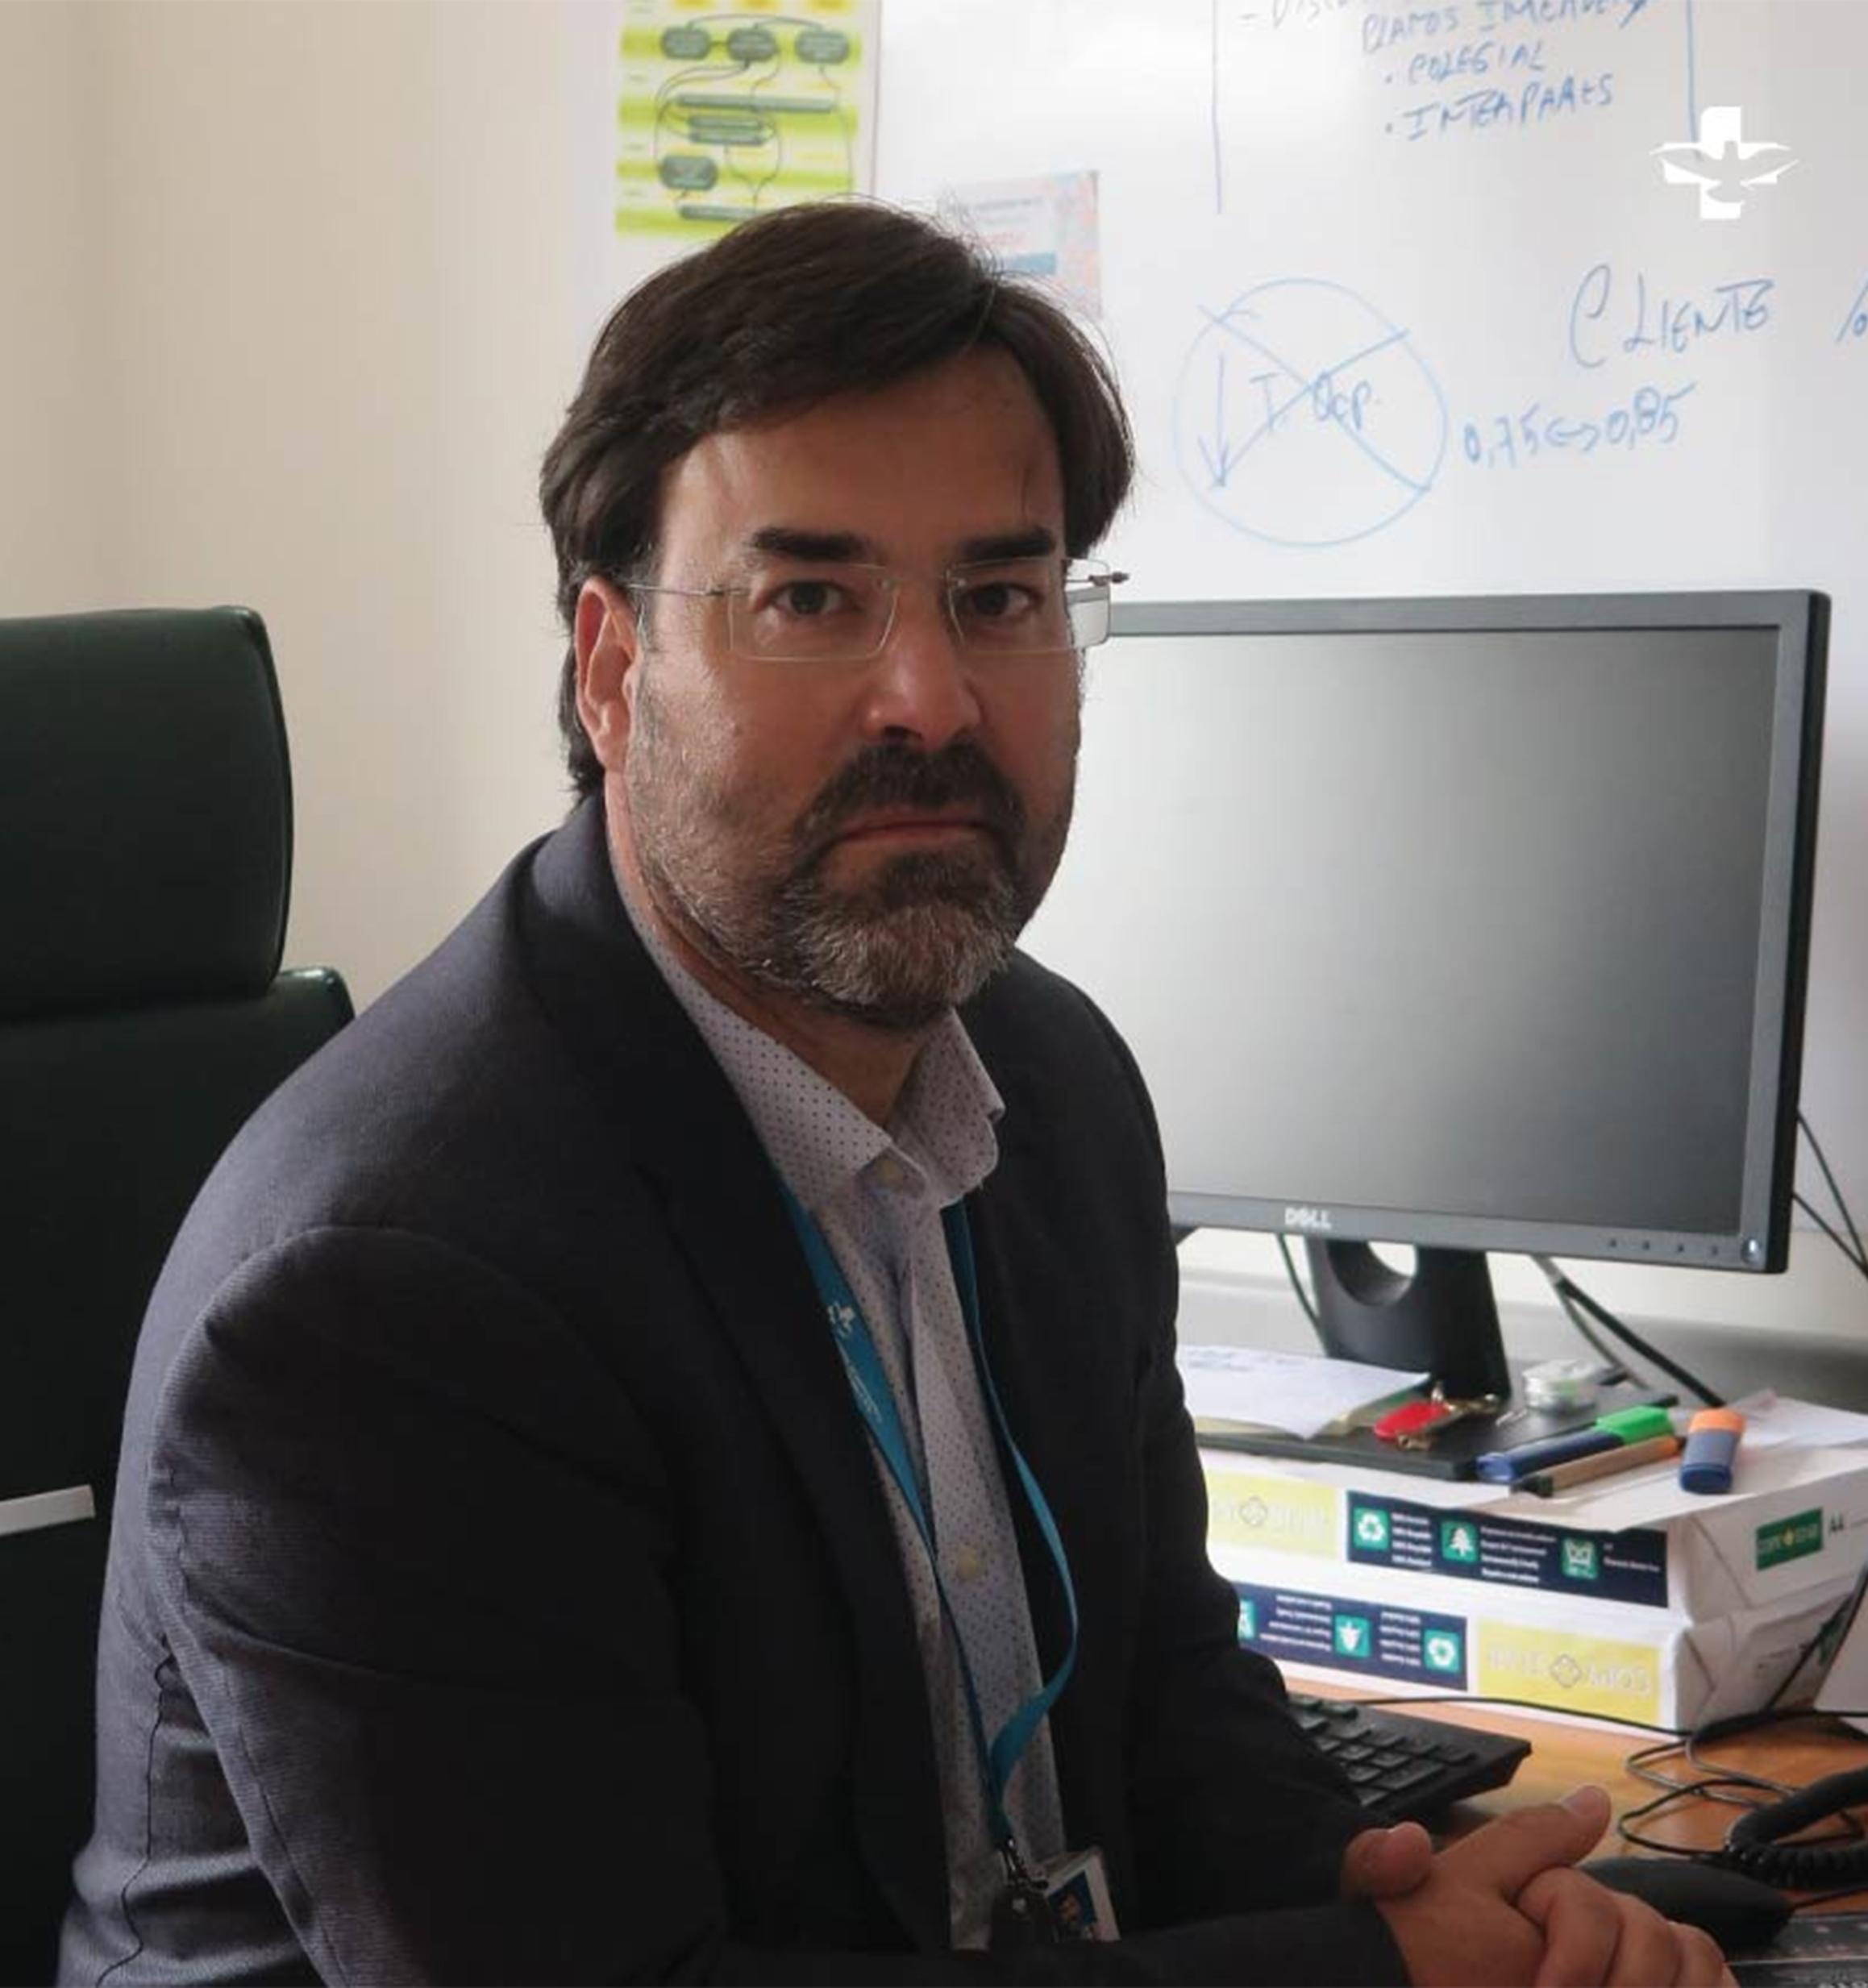 Casimiro Jorge Santos Ribeiro